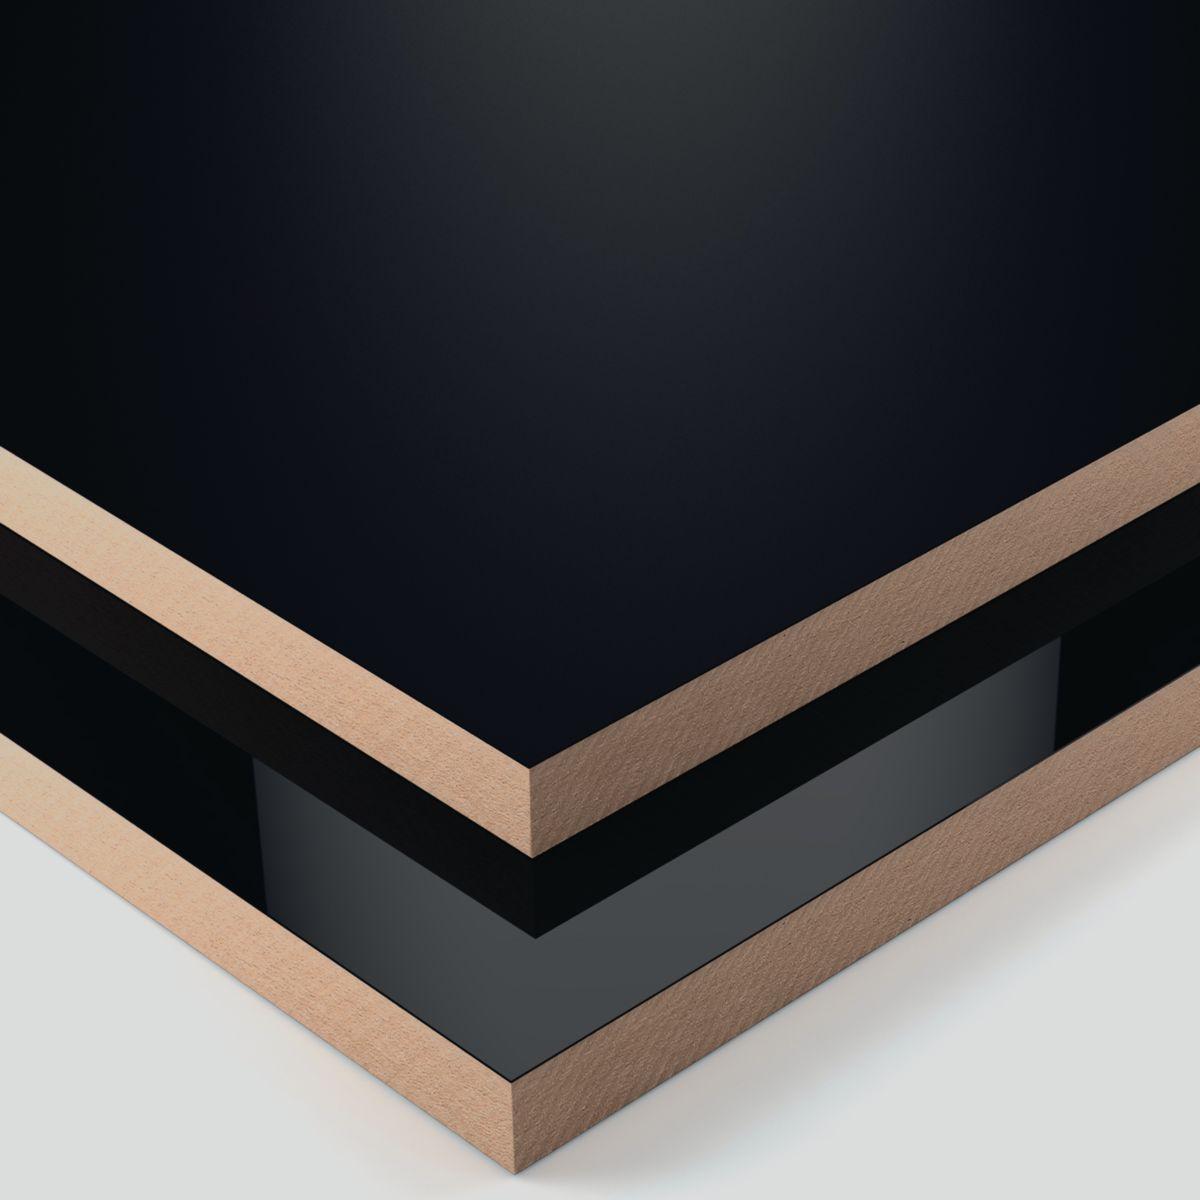 Panneau Mdf Perfectsense Décor Blanc Premium W1000 Finition Pm Matt Format 280x207cm épaisseur 19mm